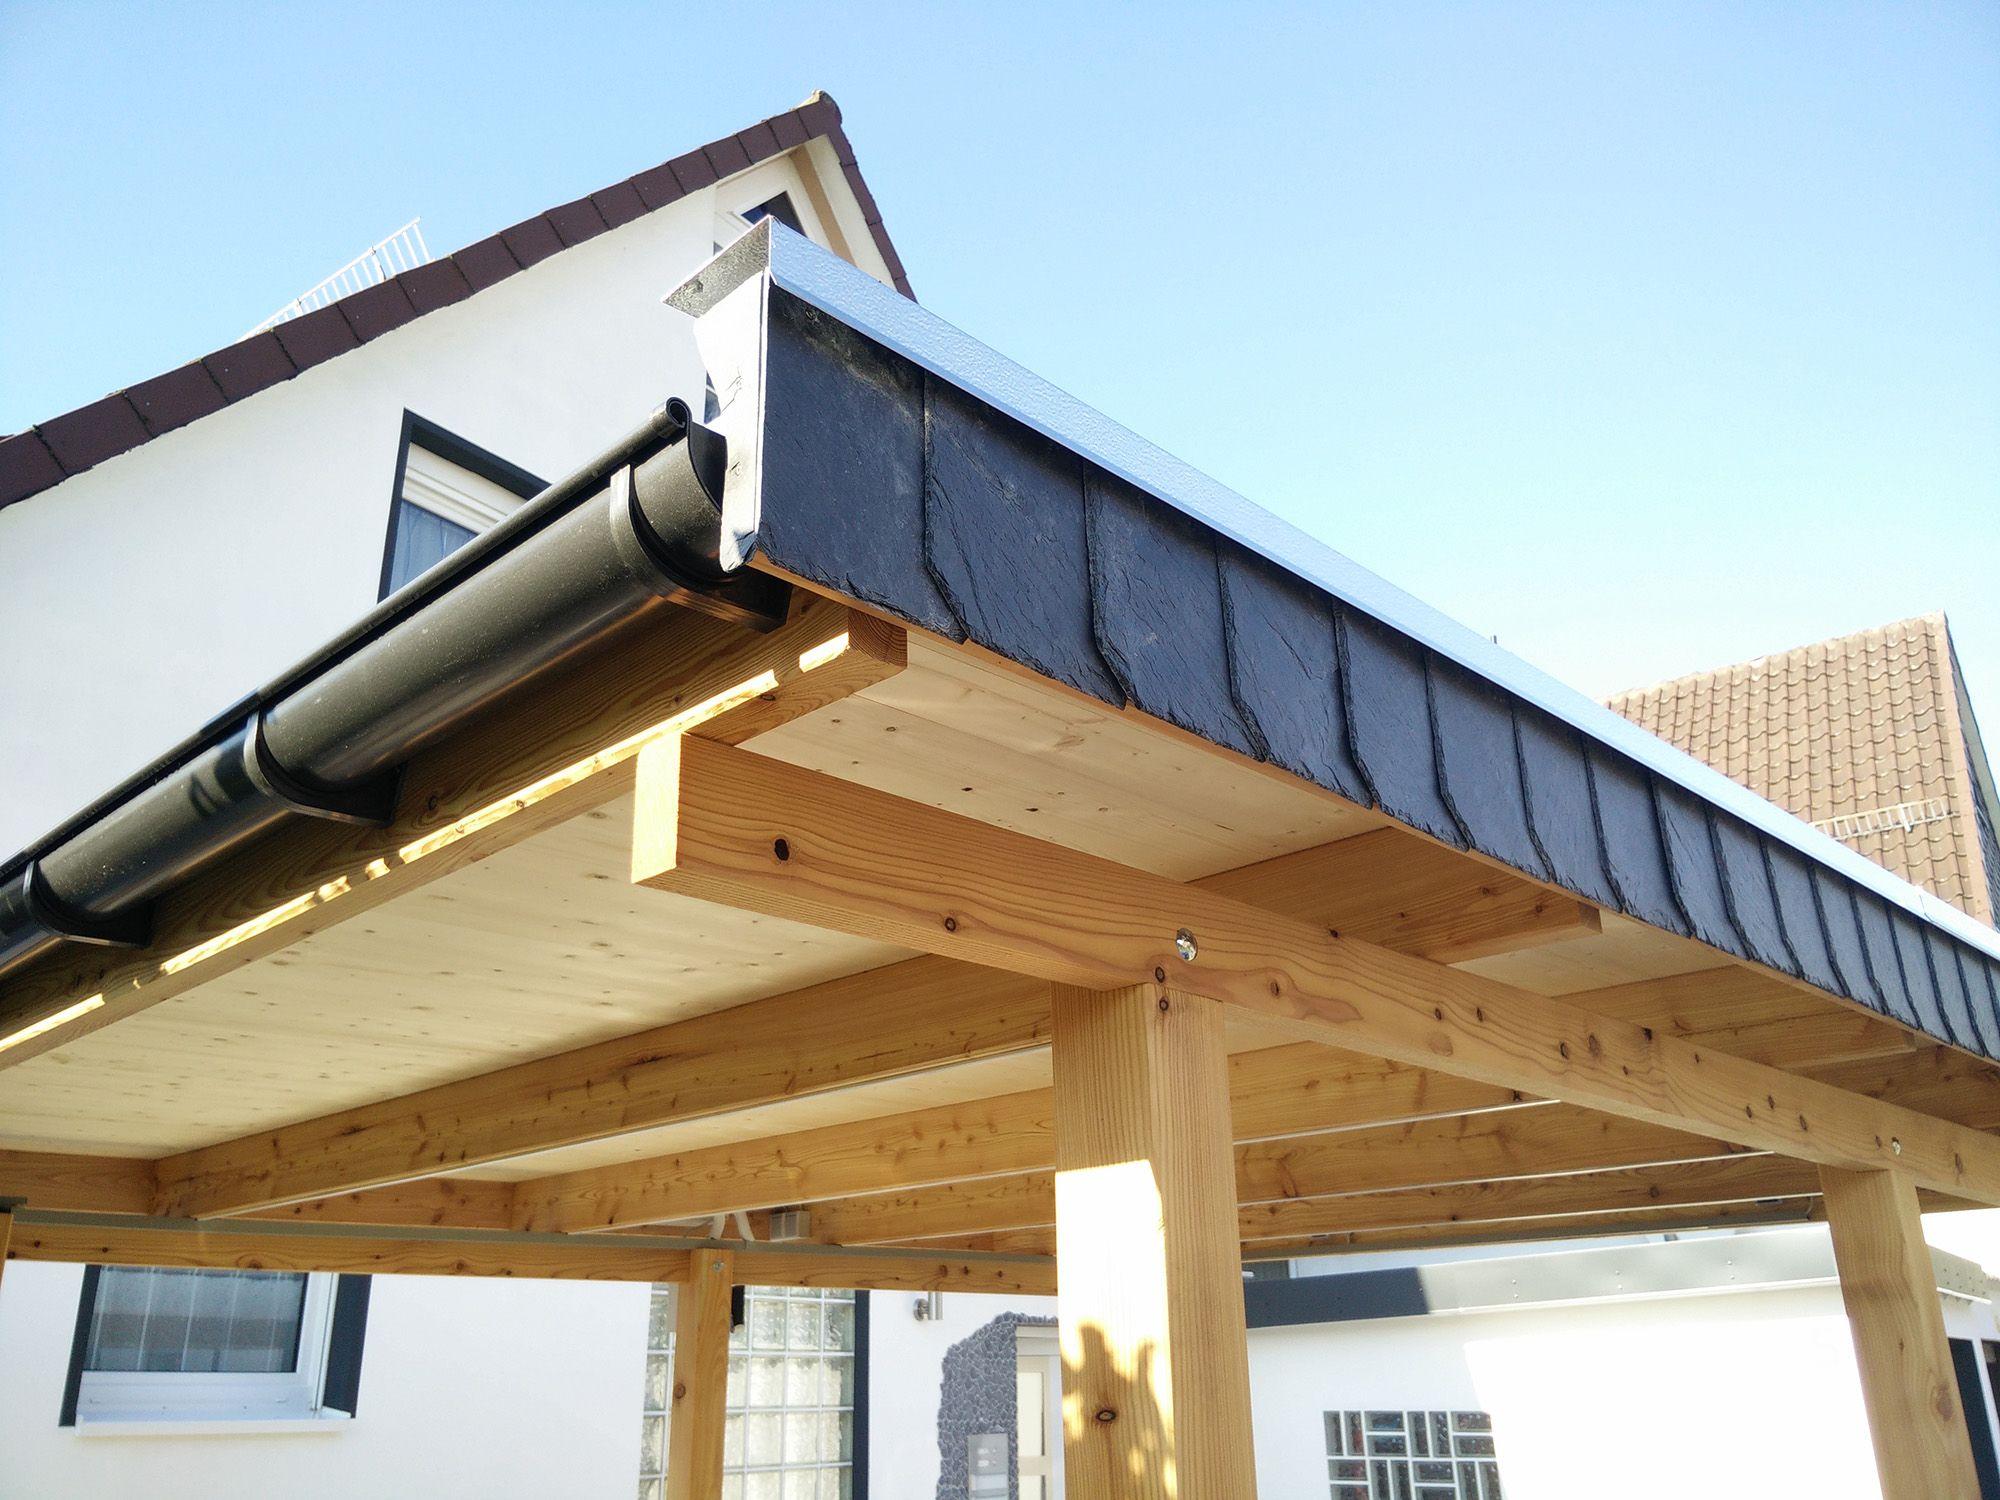 Detail Dachrinne. Carport in Lärche mit Holzdach in Fichte